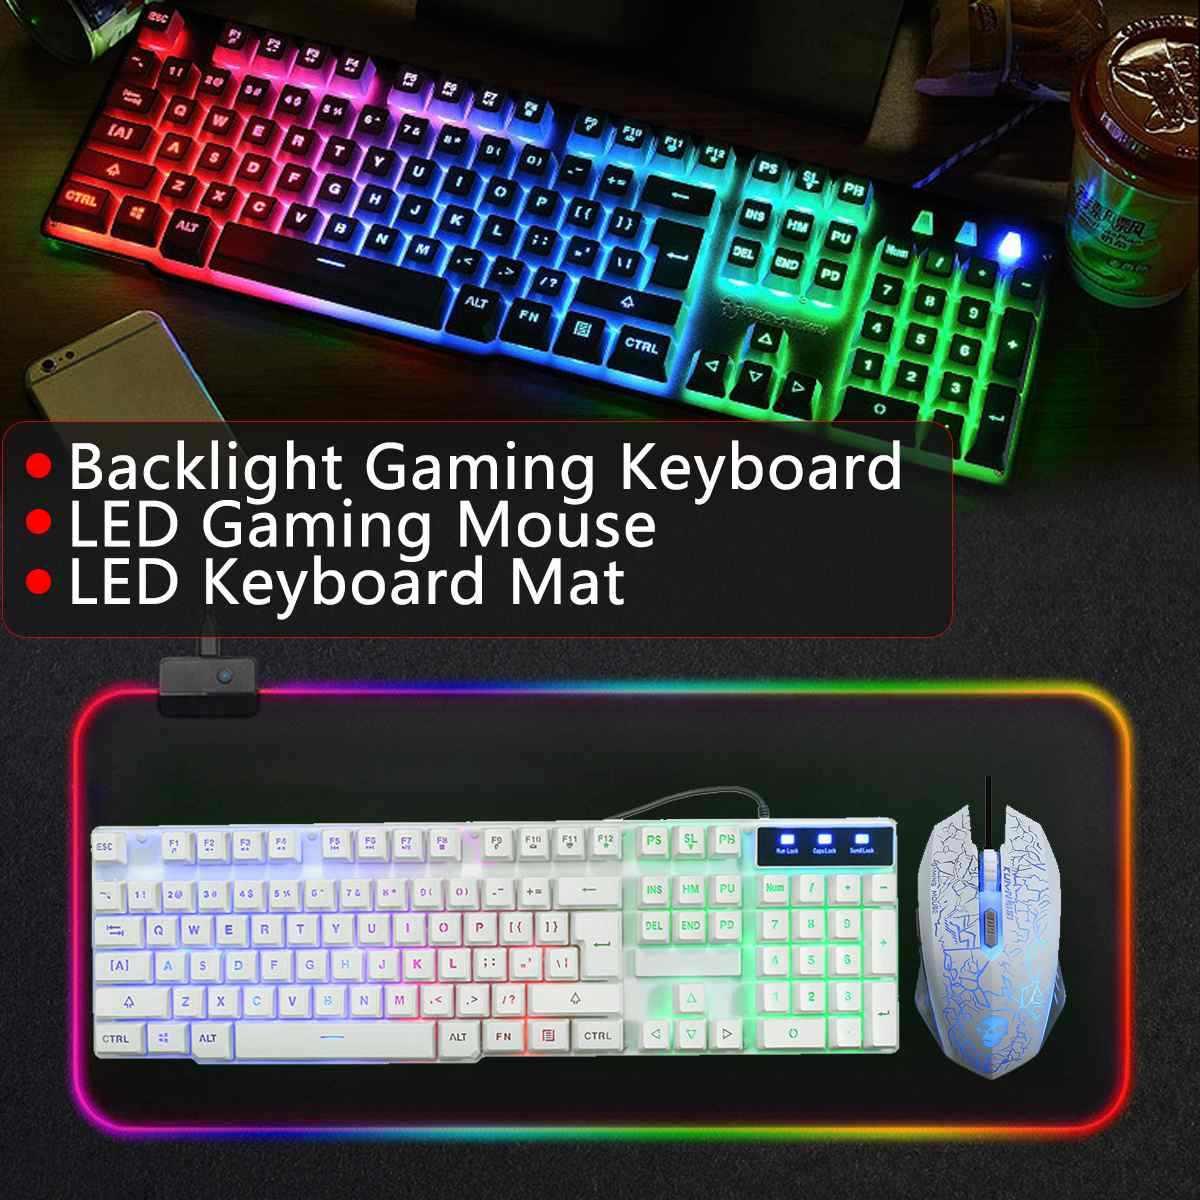 Проводная/Беспроводная игровая клавиатура и мышь Набор Радужная Подсветка USB клавиатура RGB светодиодный коврик для мыши комбо набор для ПК геймера ноутбука